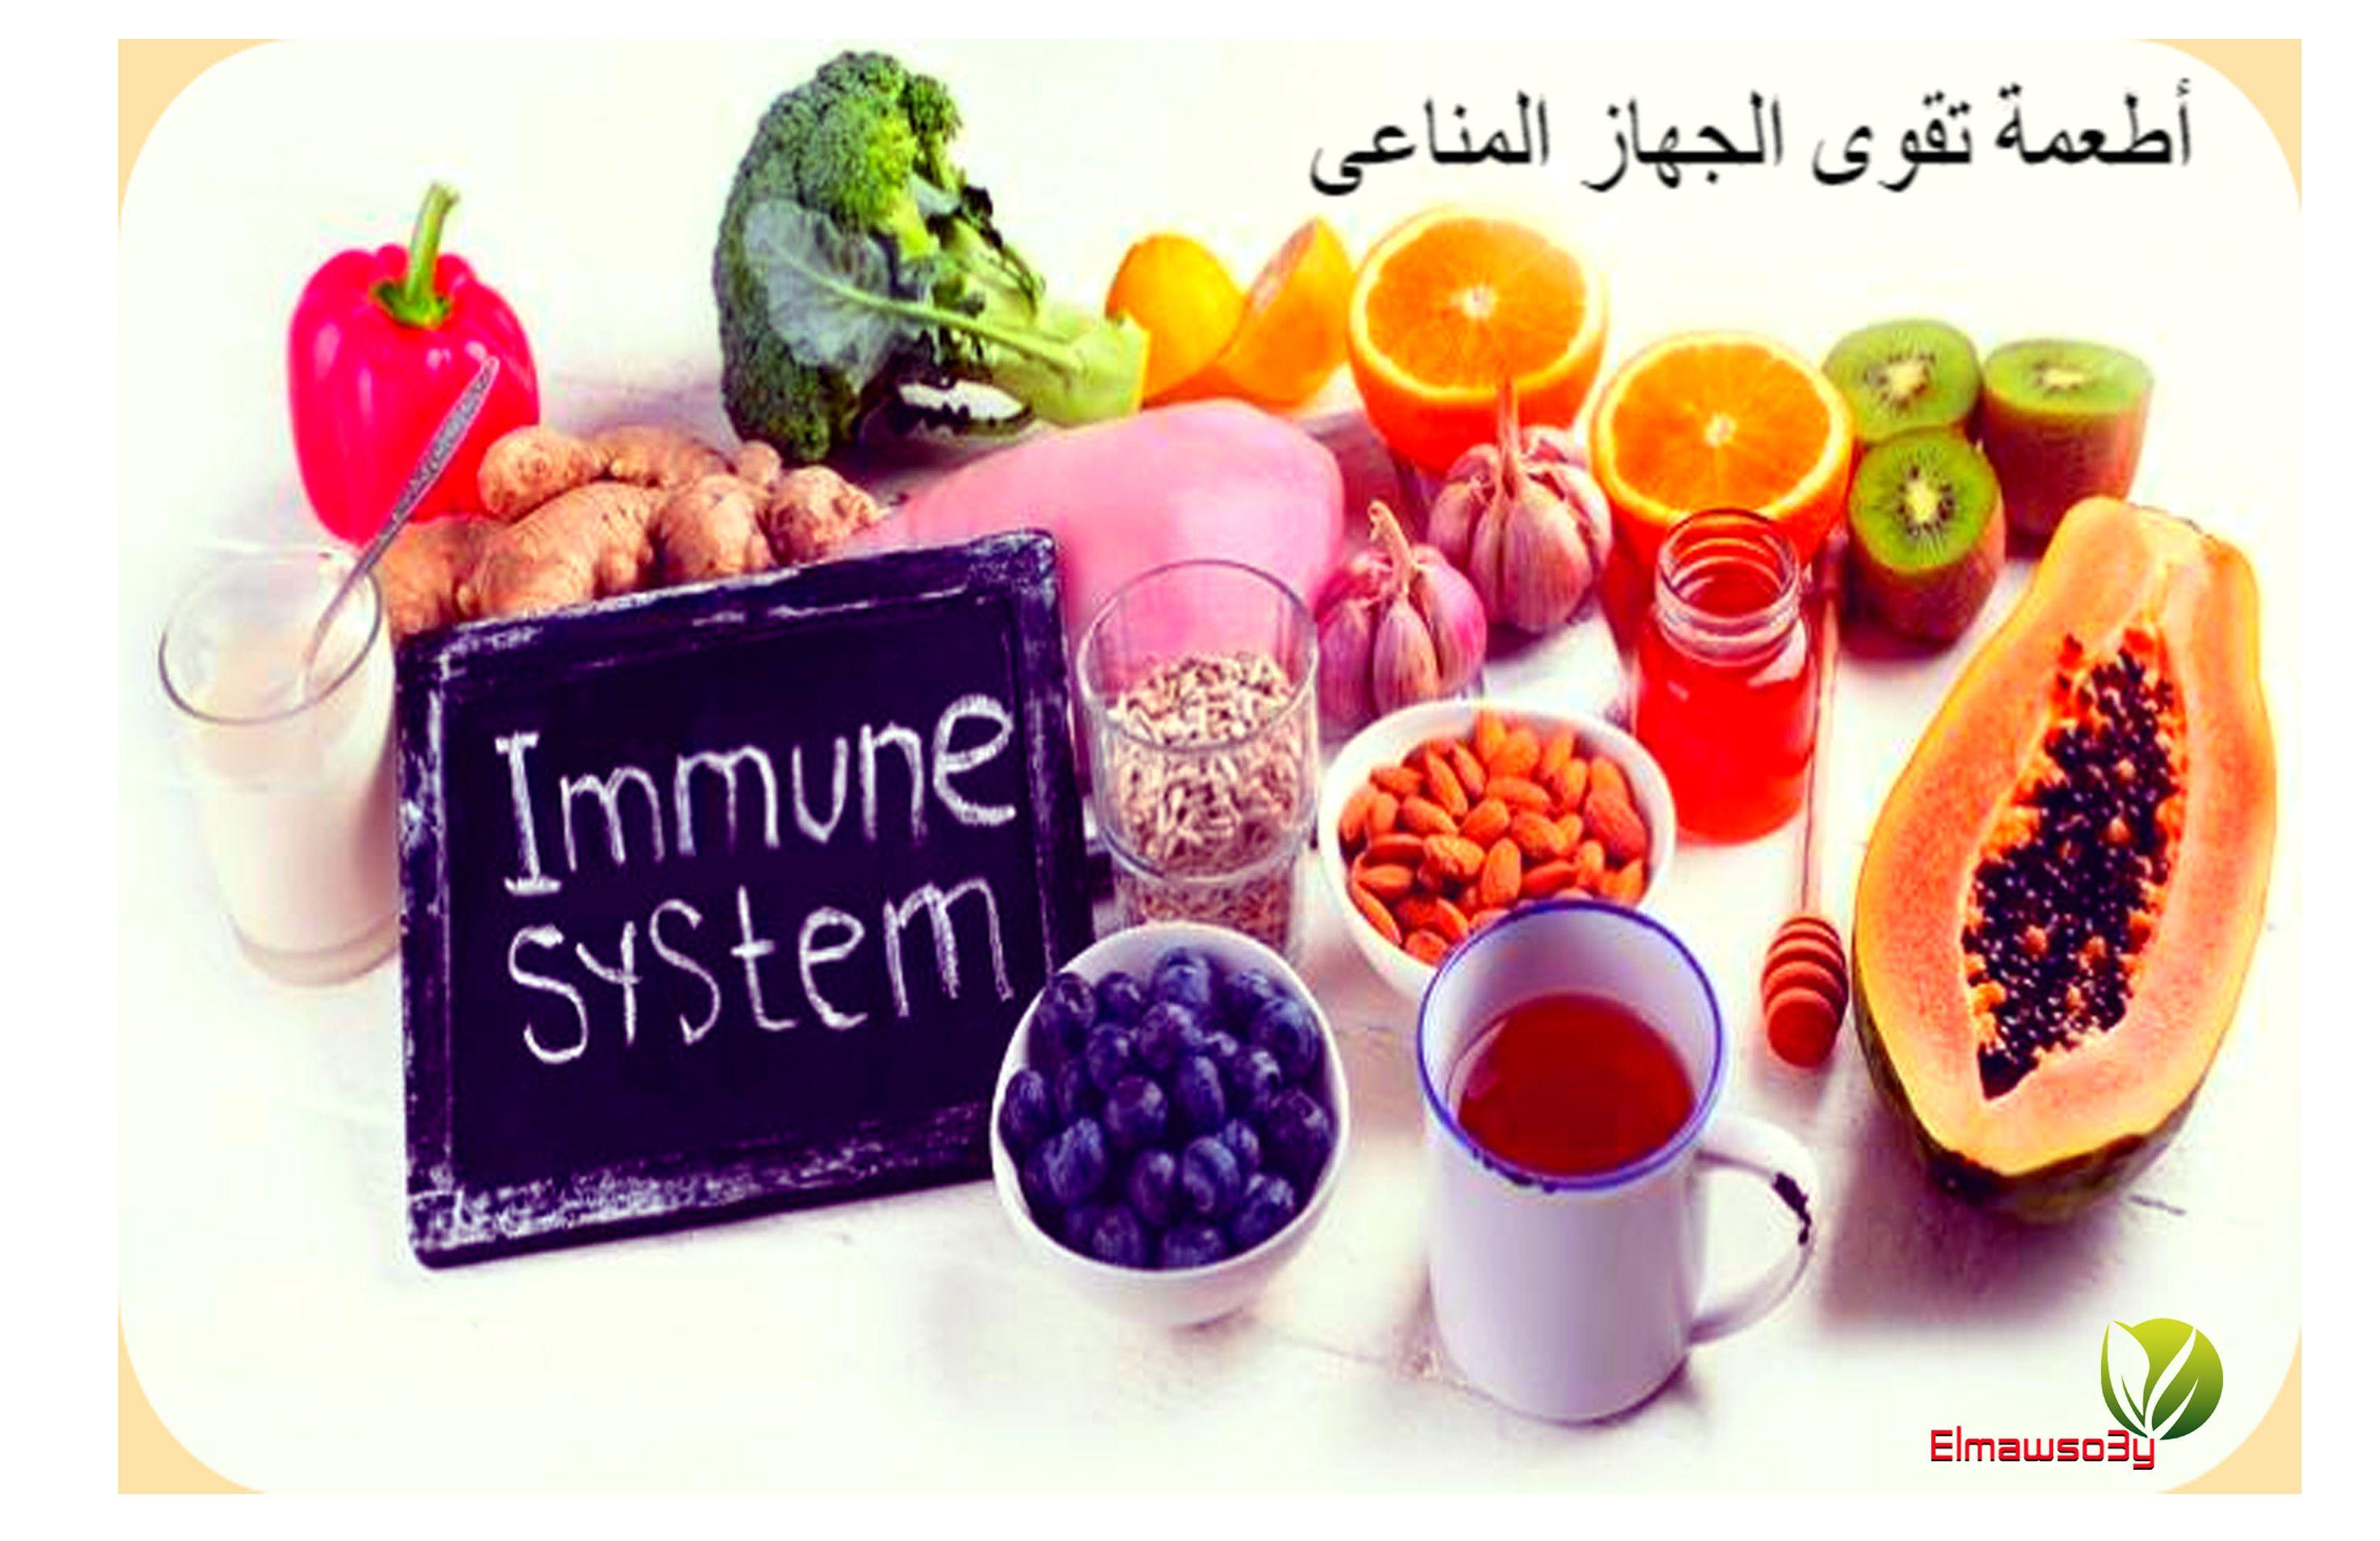 تقوية جهاز المناعة Food Immune System Immunity